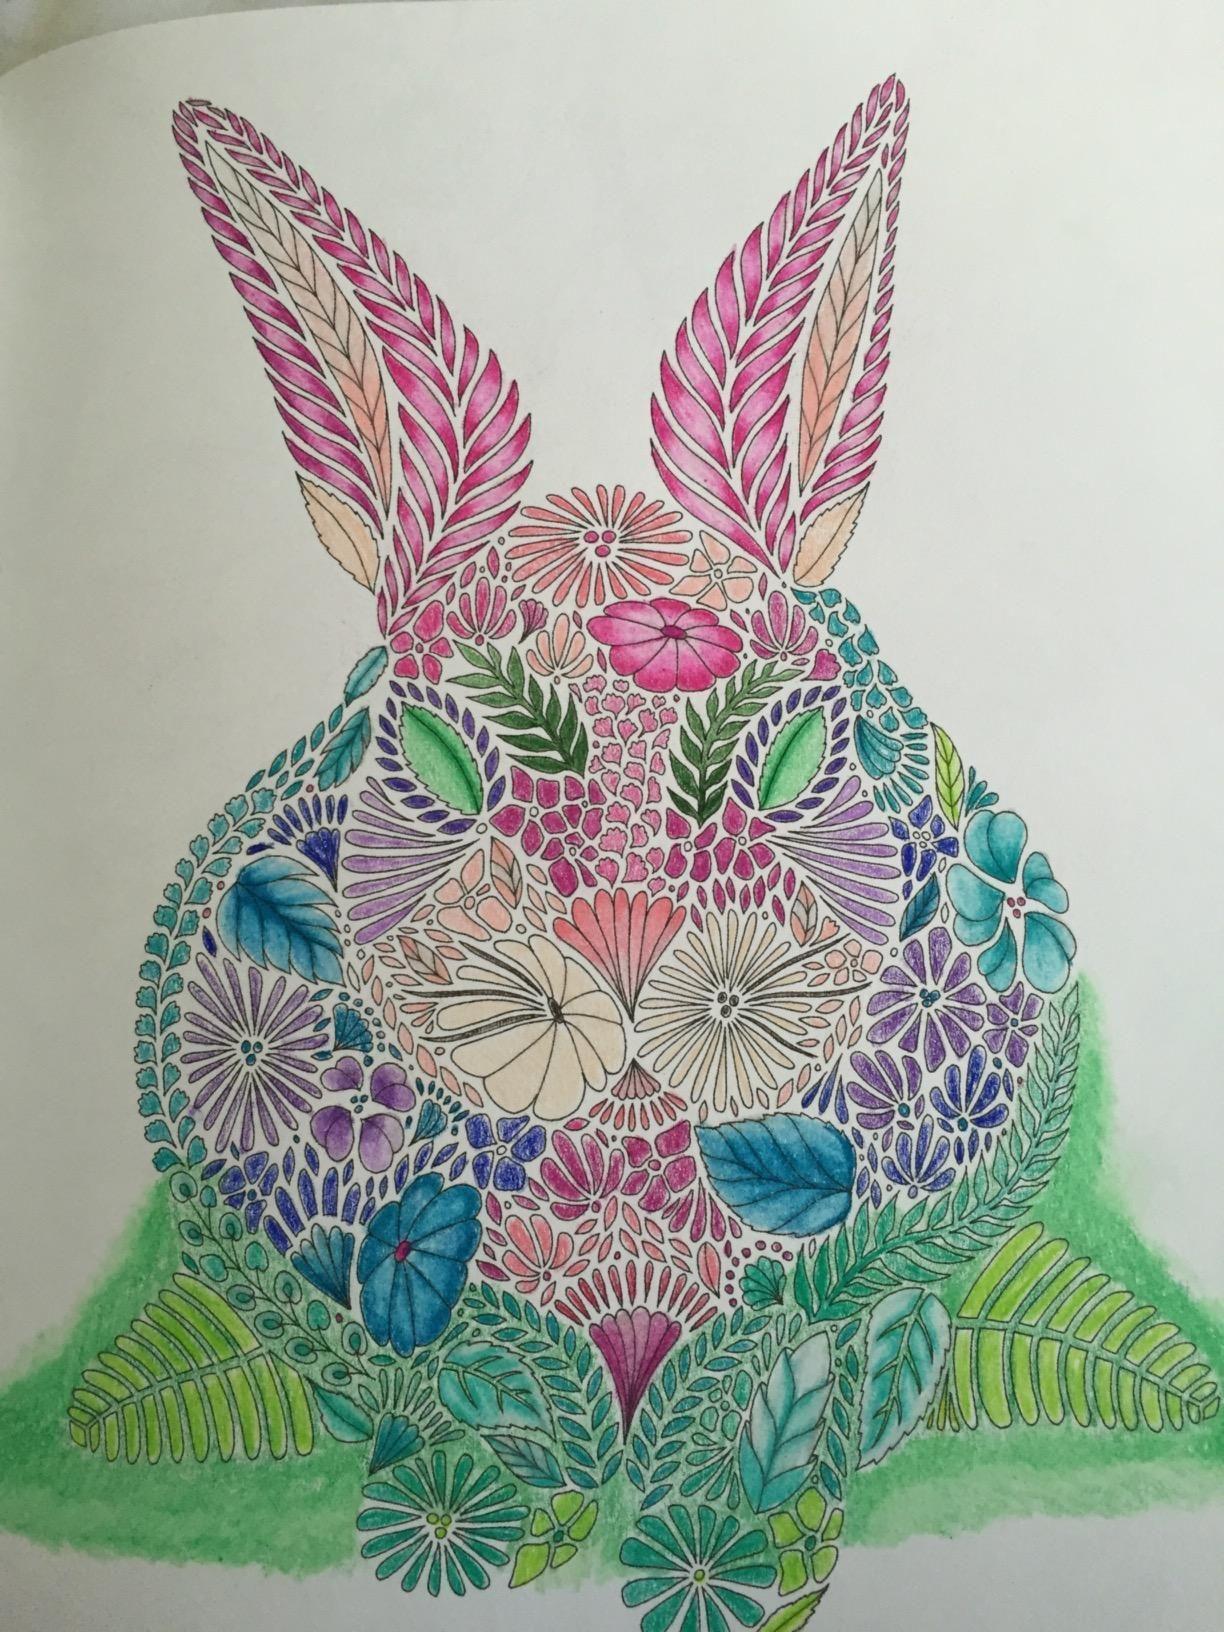 Color me draw me animal kingdom book - Animal Kingdom Color Me Draw Me Millie Marotta 9781454709107 Amazon